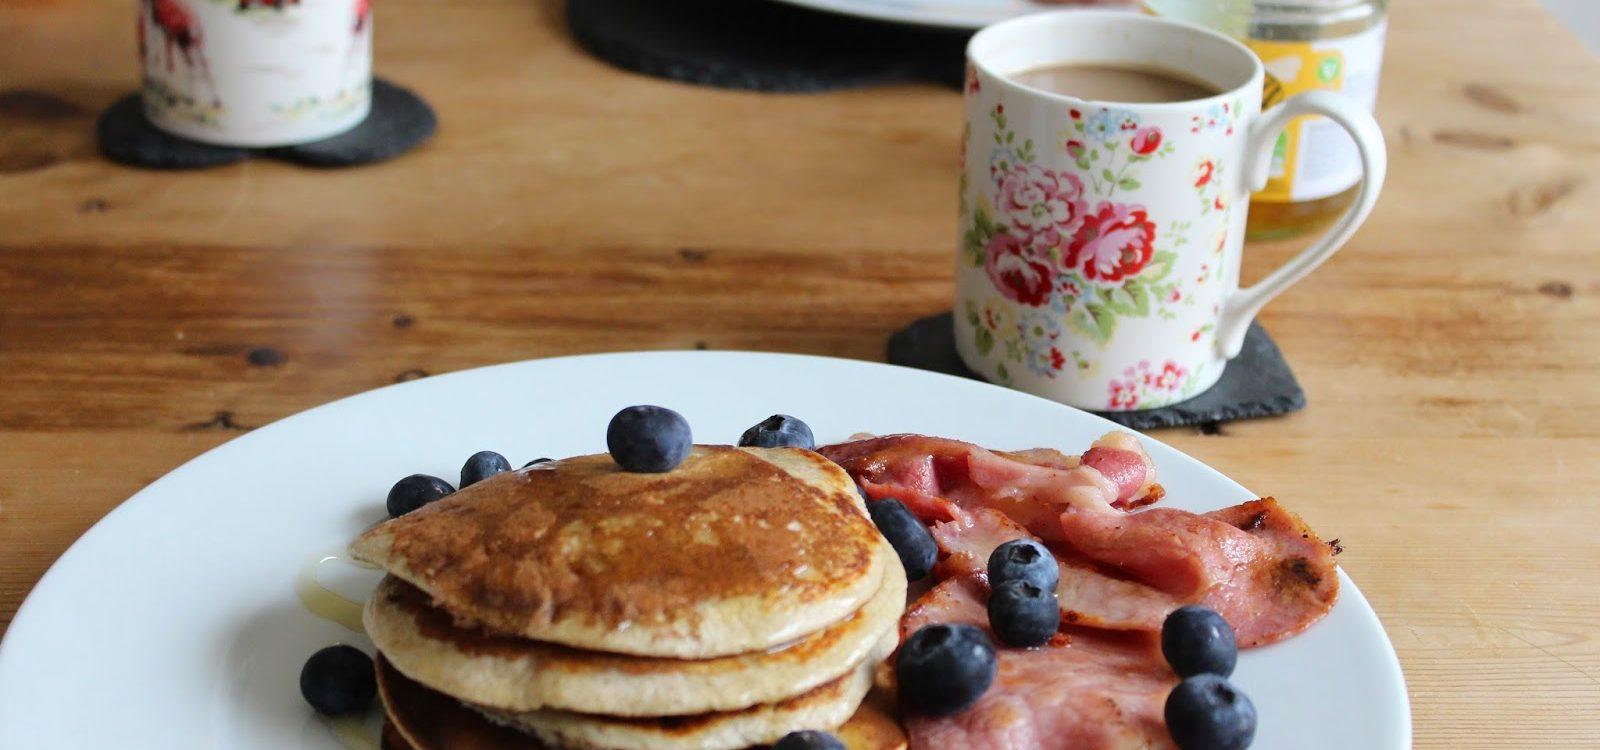 Baking Perfection: Banana Pancake Recipe